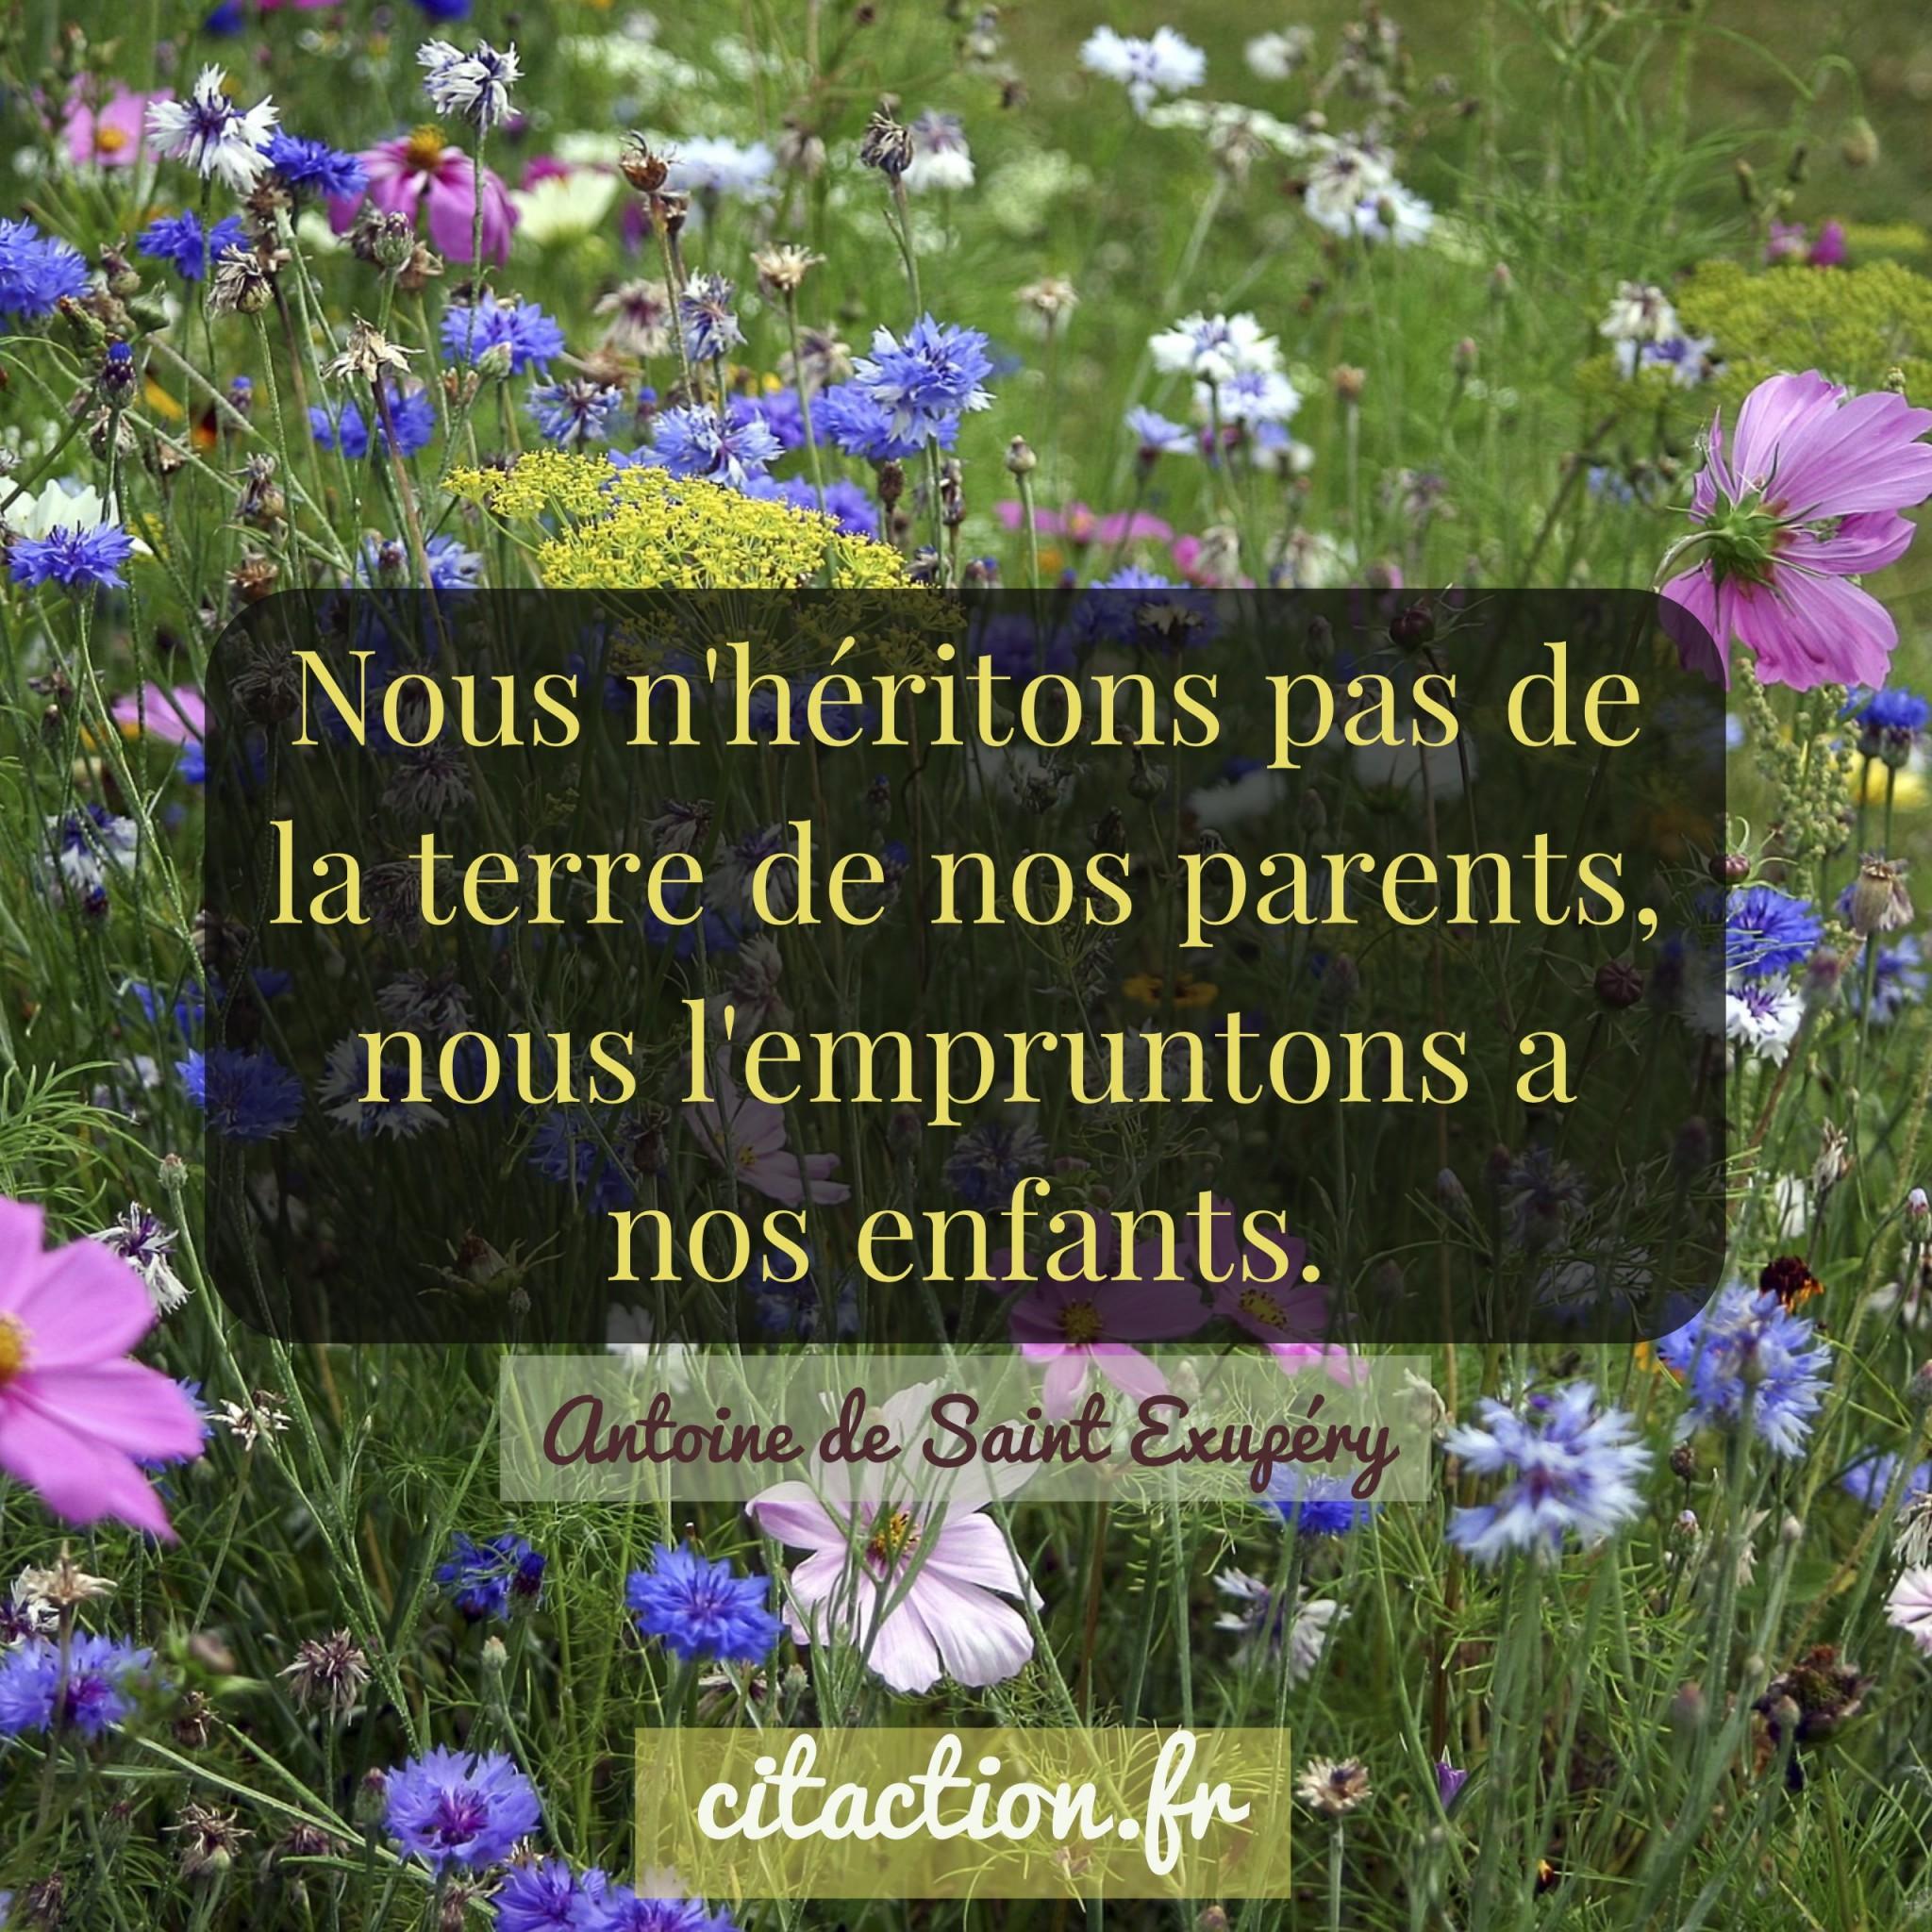 Nous n'héritons pas de la terre de nos parents, nous l'empruntons a nos enfants